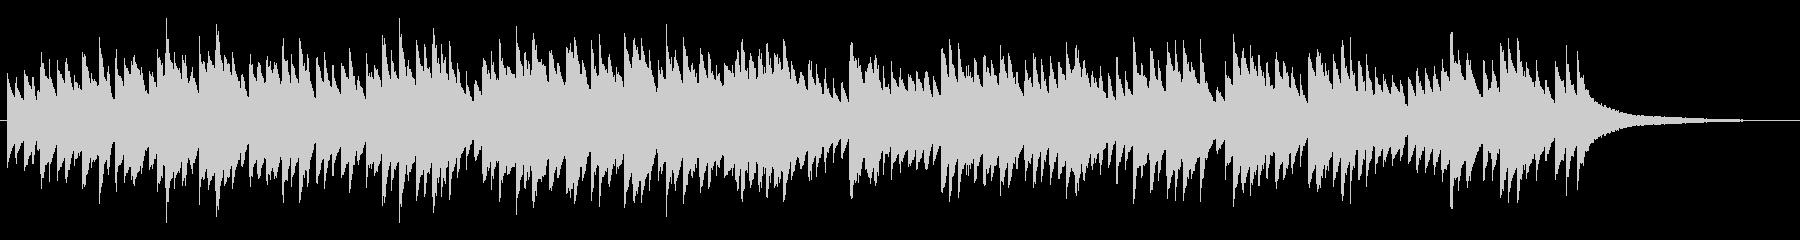 バッハ フランス組曲 第3番 オルゴールの未再生の波形